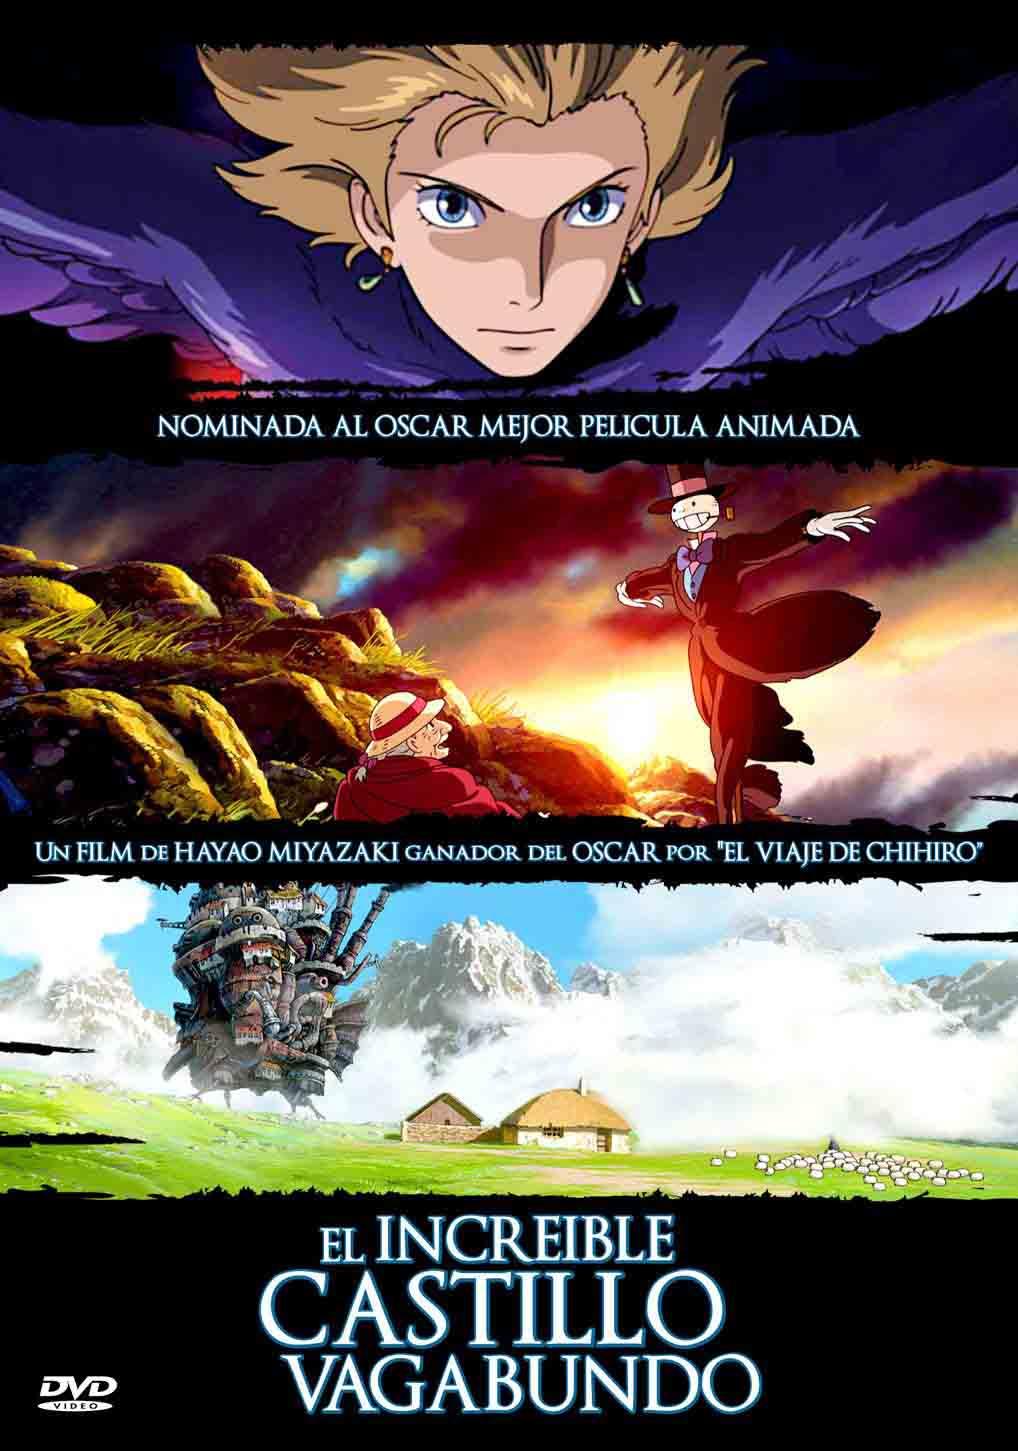 Película Anime - El increible castillo vagabundo El+Increible+Castillo+Vagabundo+MenShadowh_1